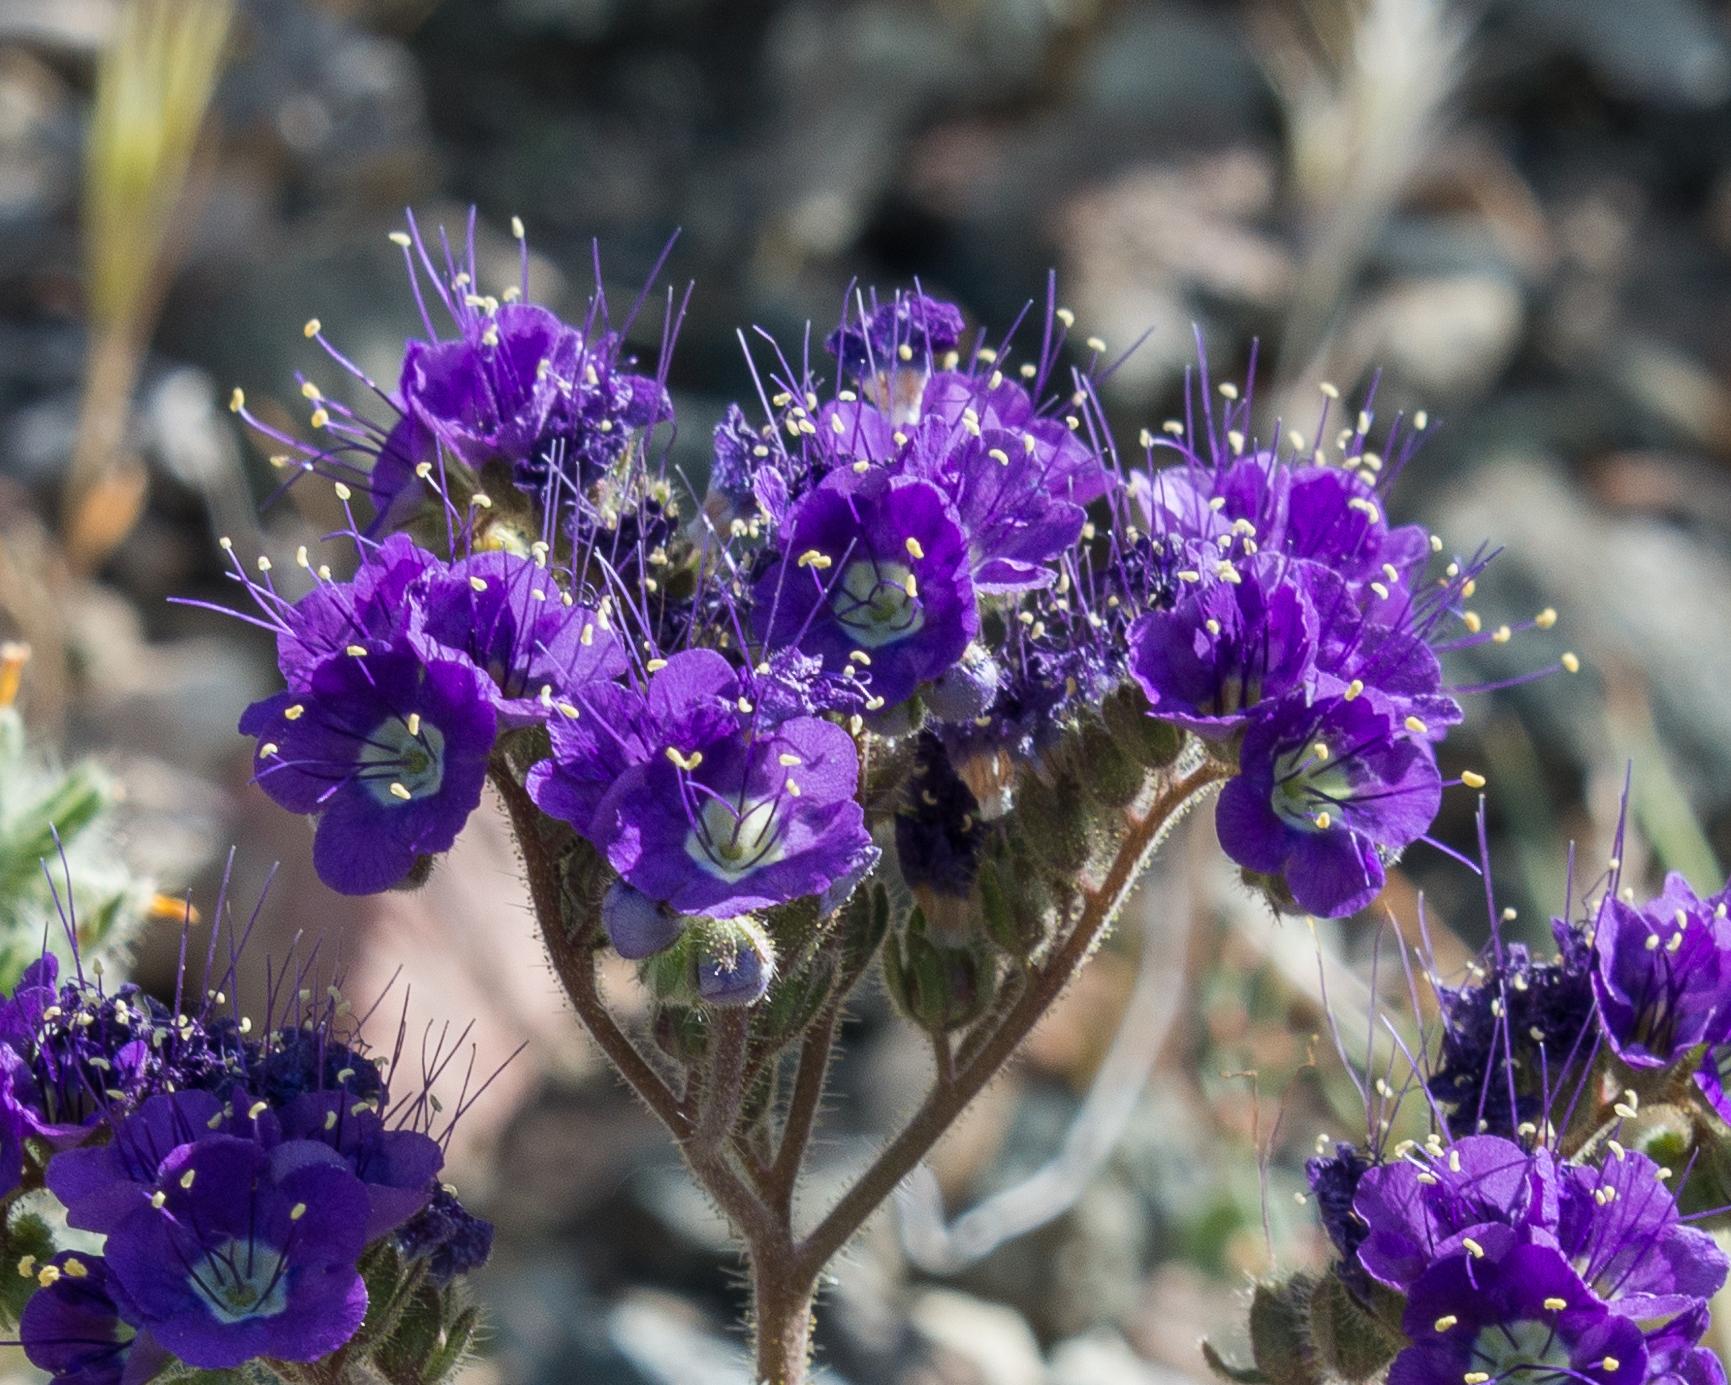 Se pueden ver las brillantes floraciones de  Phacelia  en la primavera.